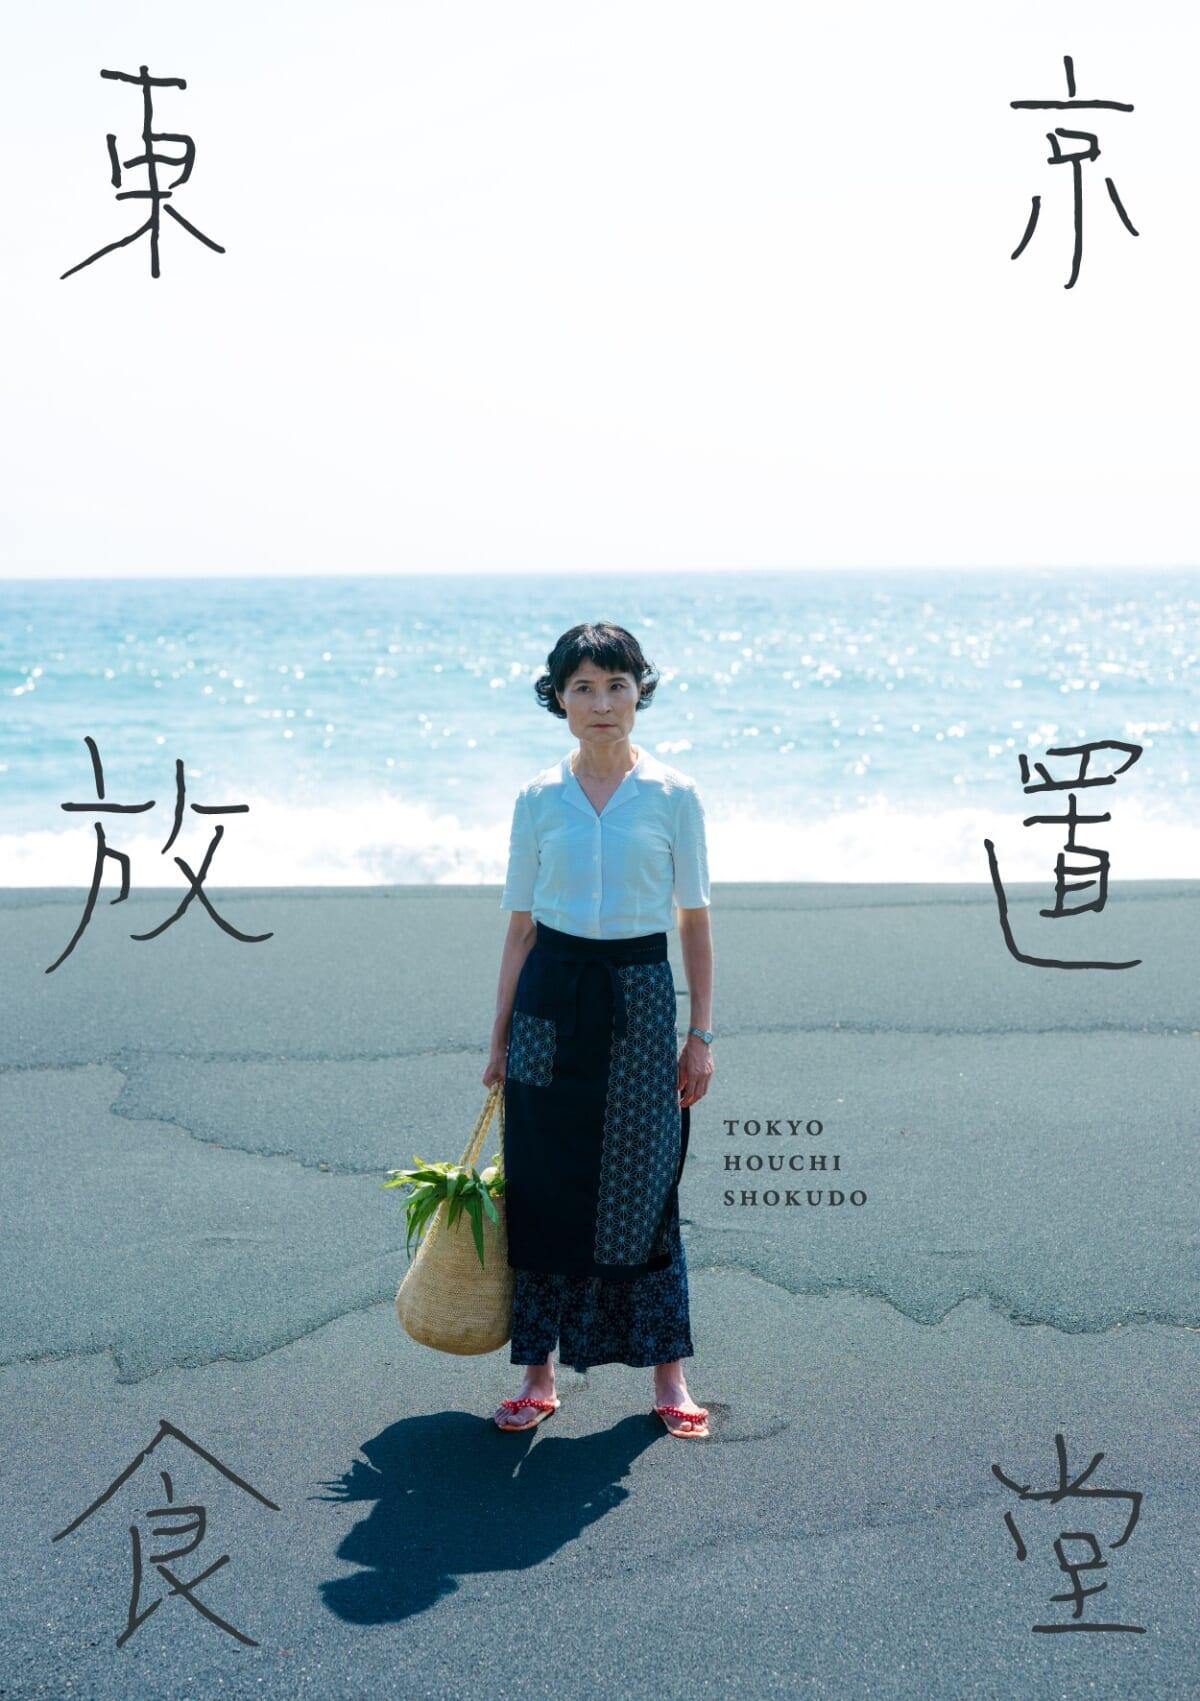 片桐はいり主演ドラマ『東京放置食堂』主題歌はSNSを中心に話題の注目新人